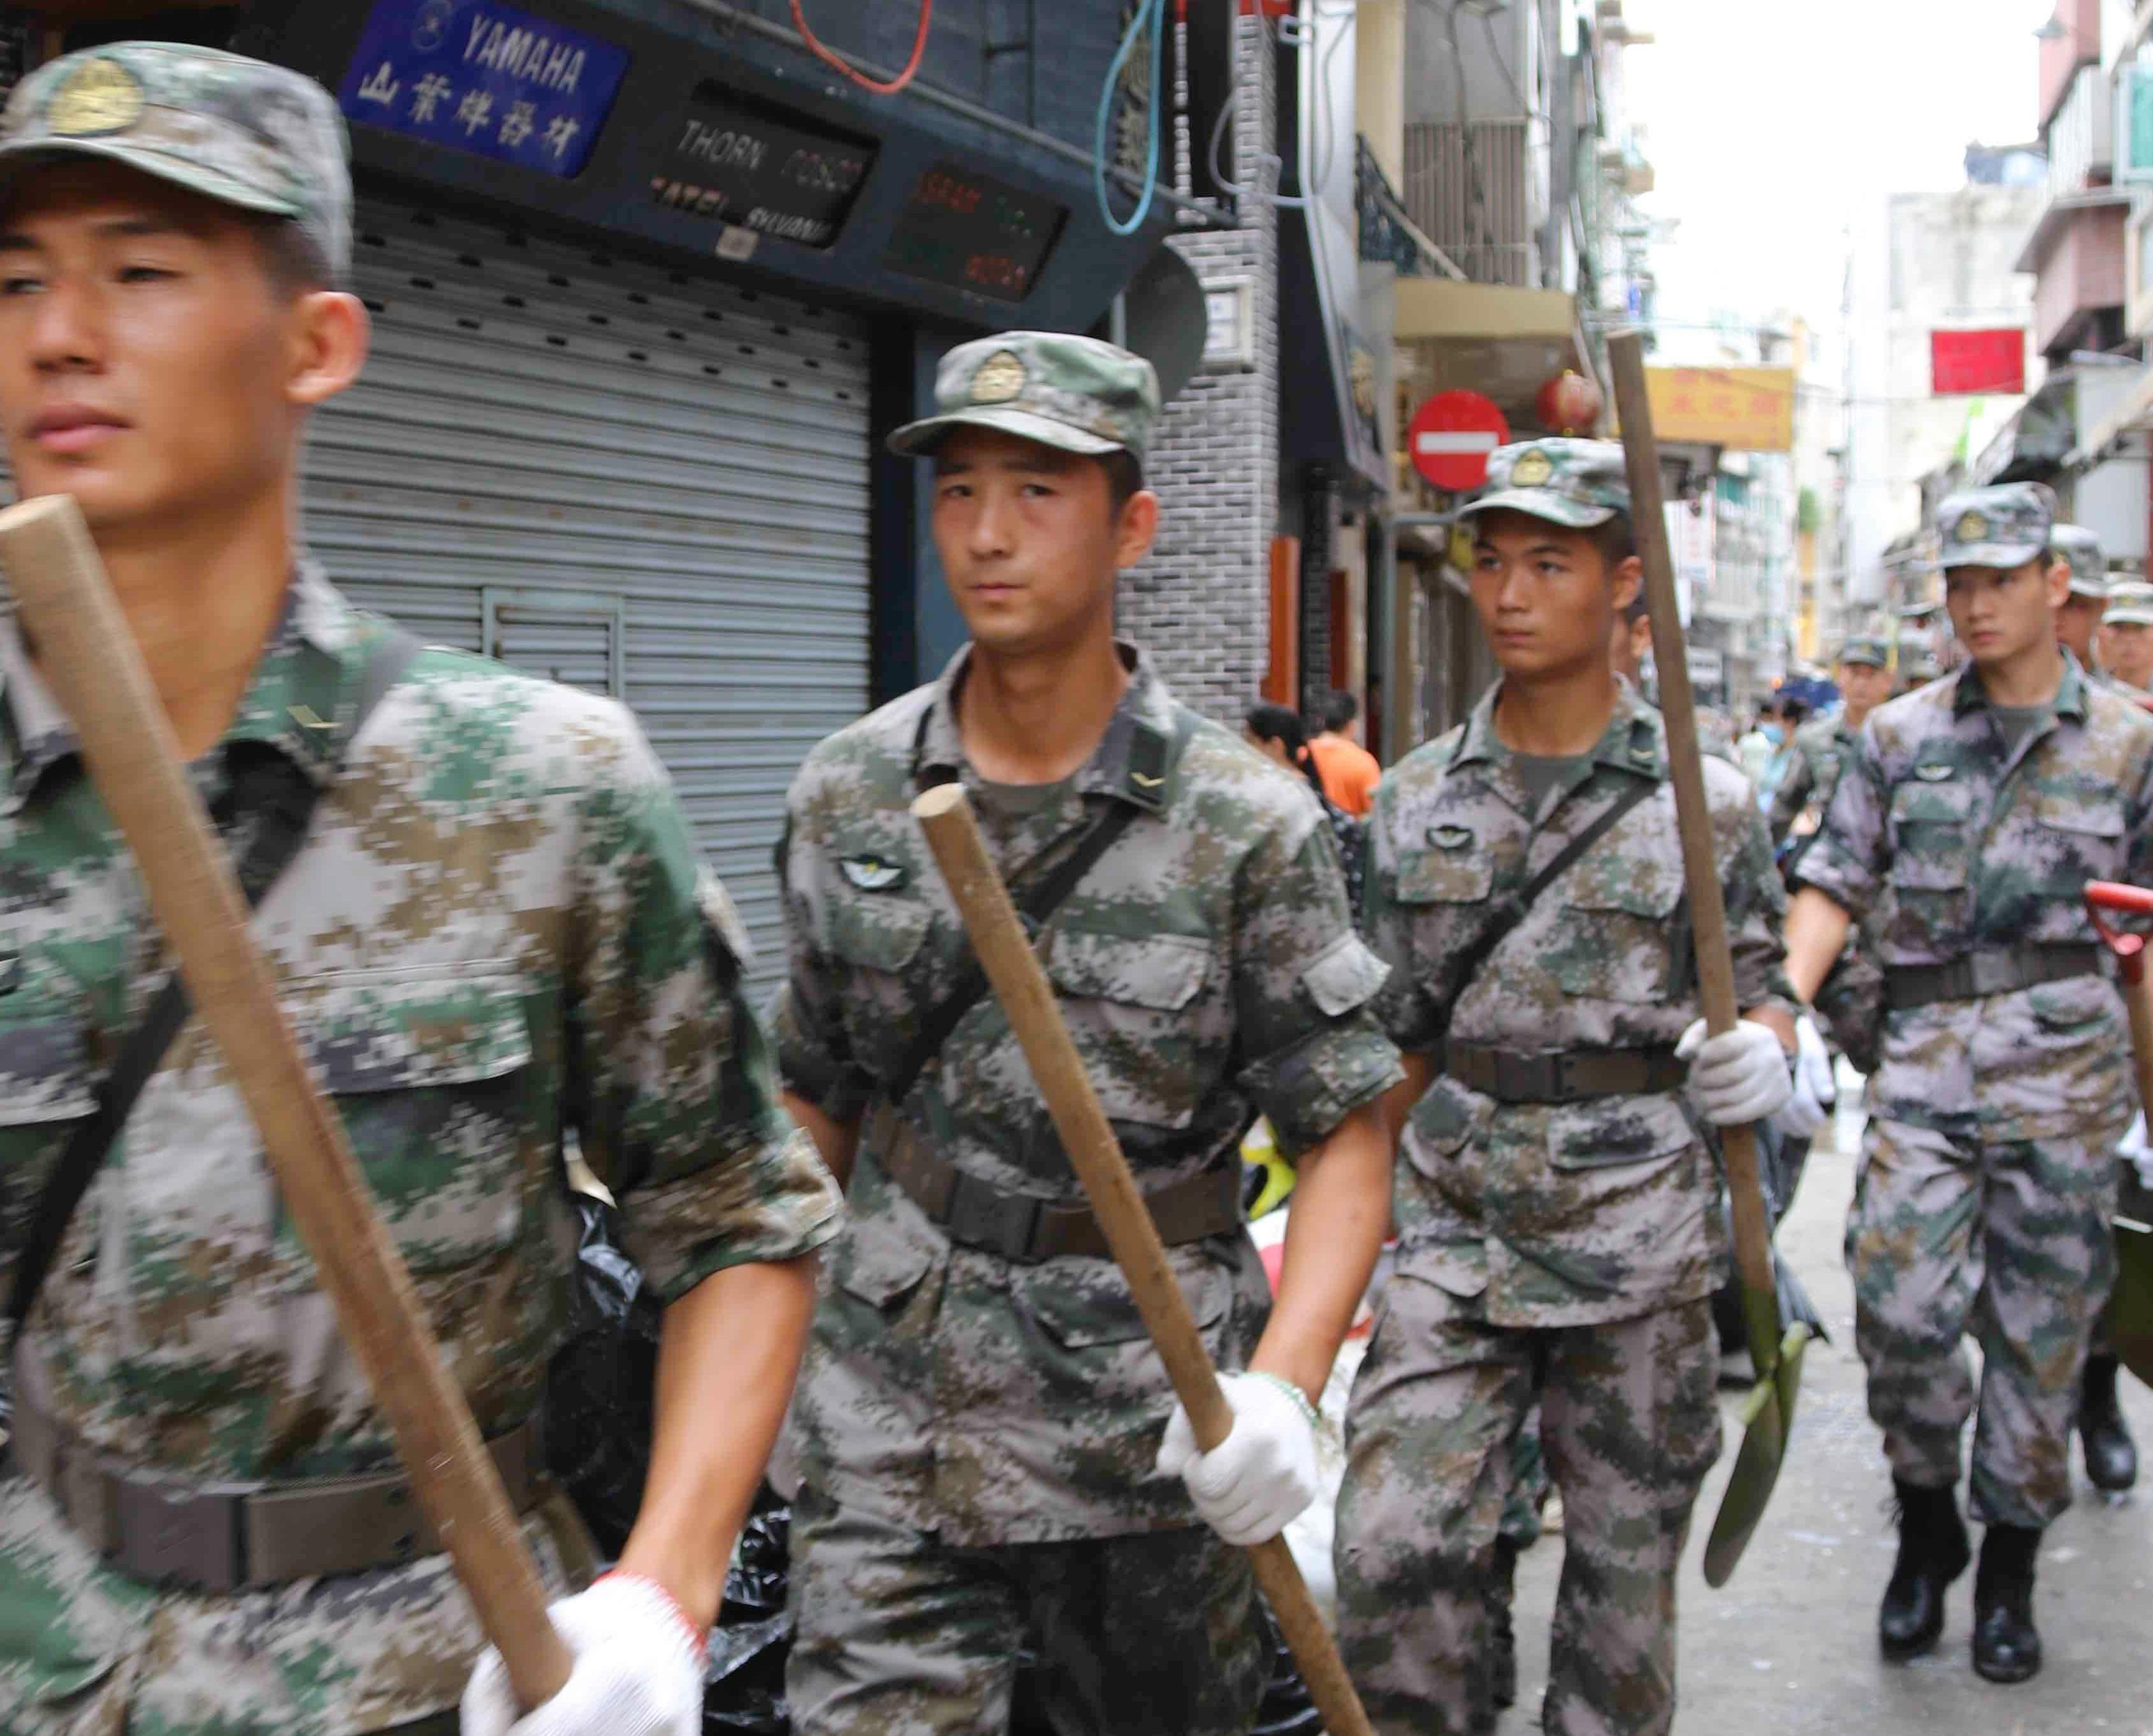 民防:下一颱風與駐軍緊密聯繫